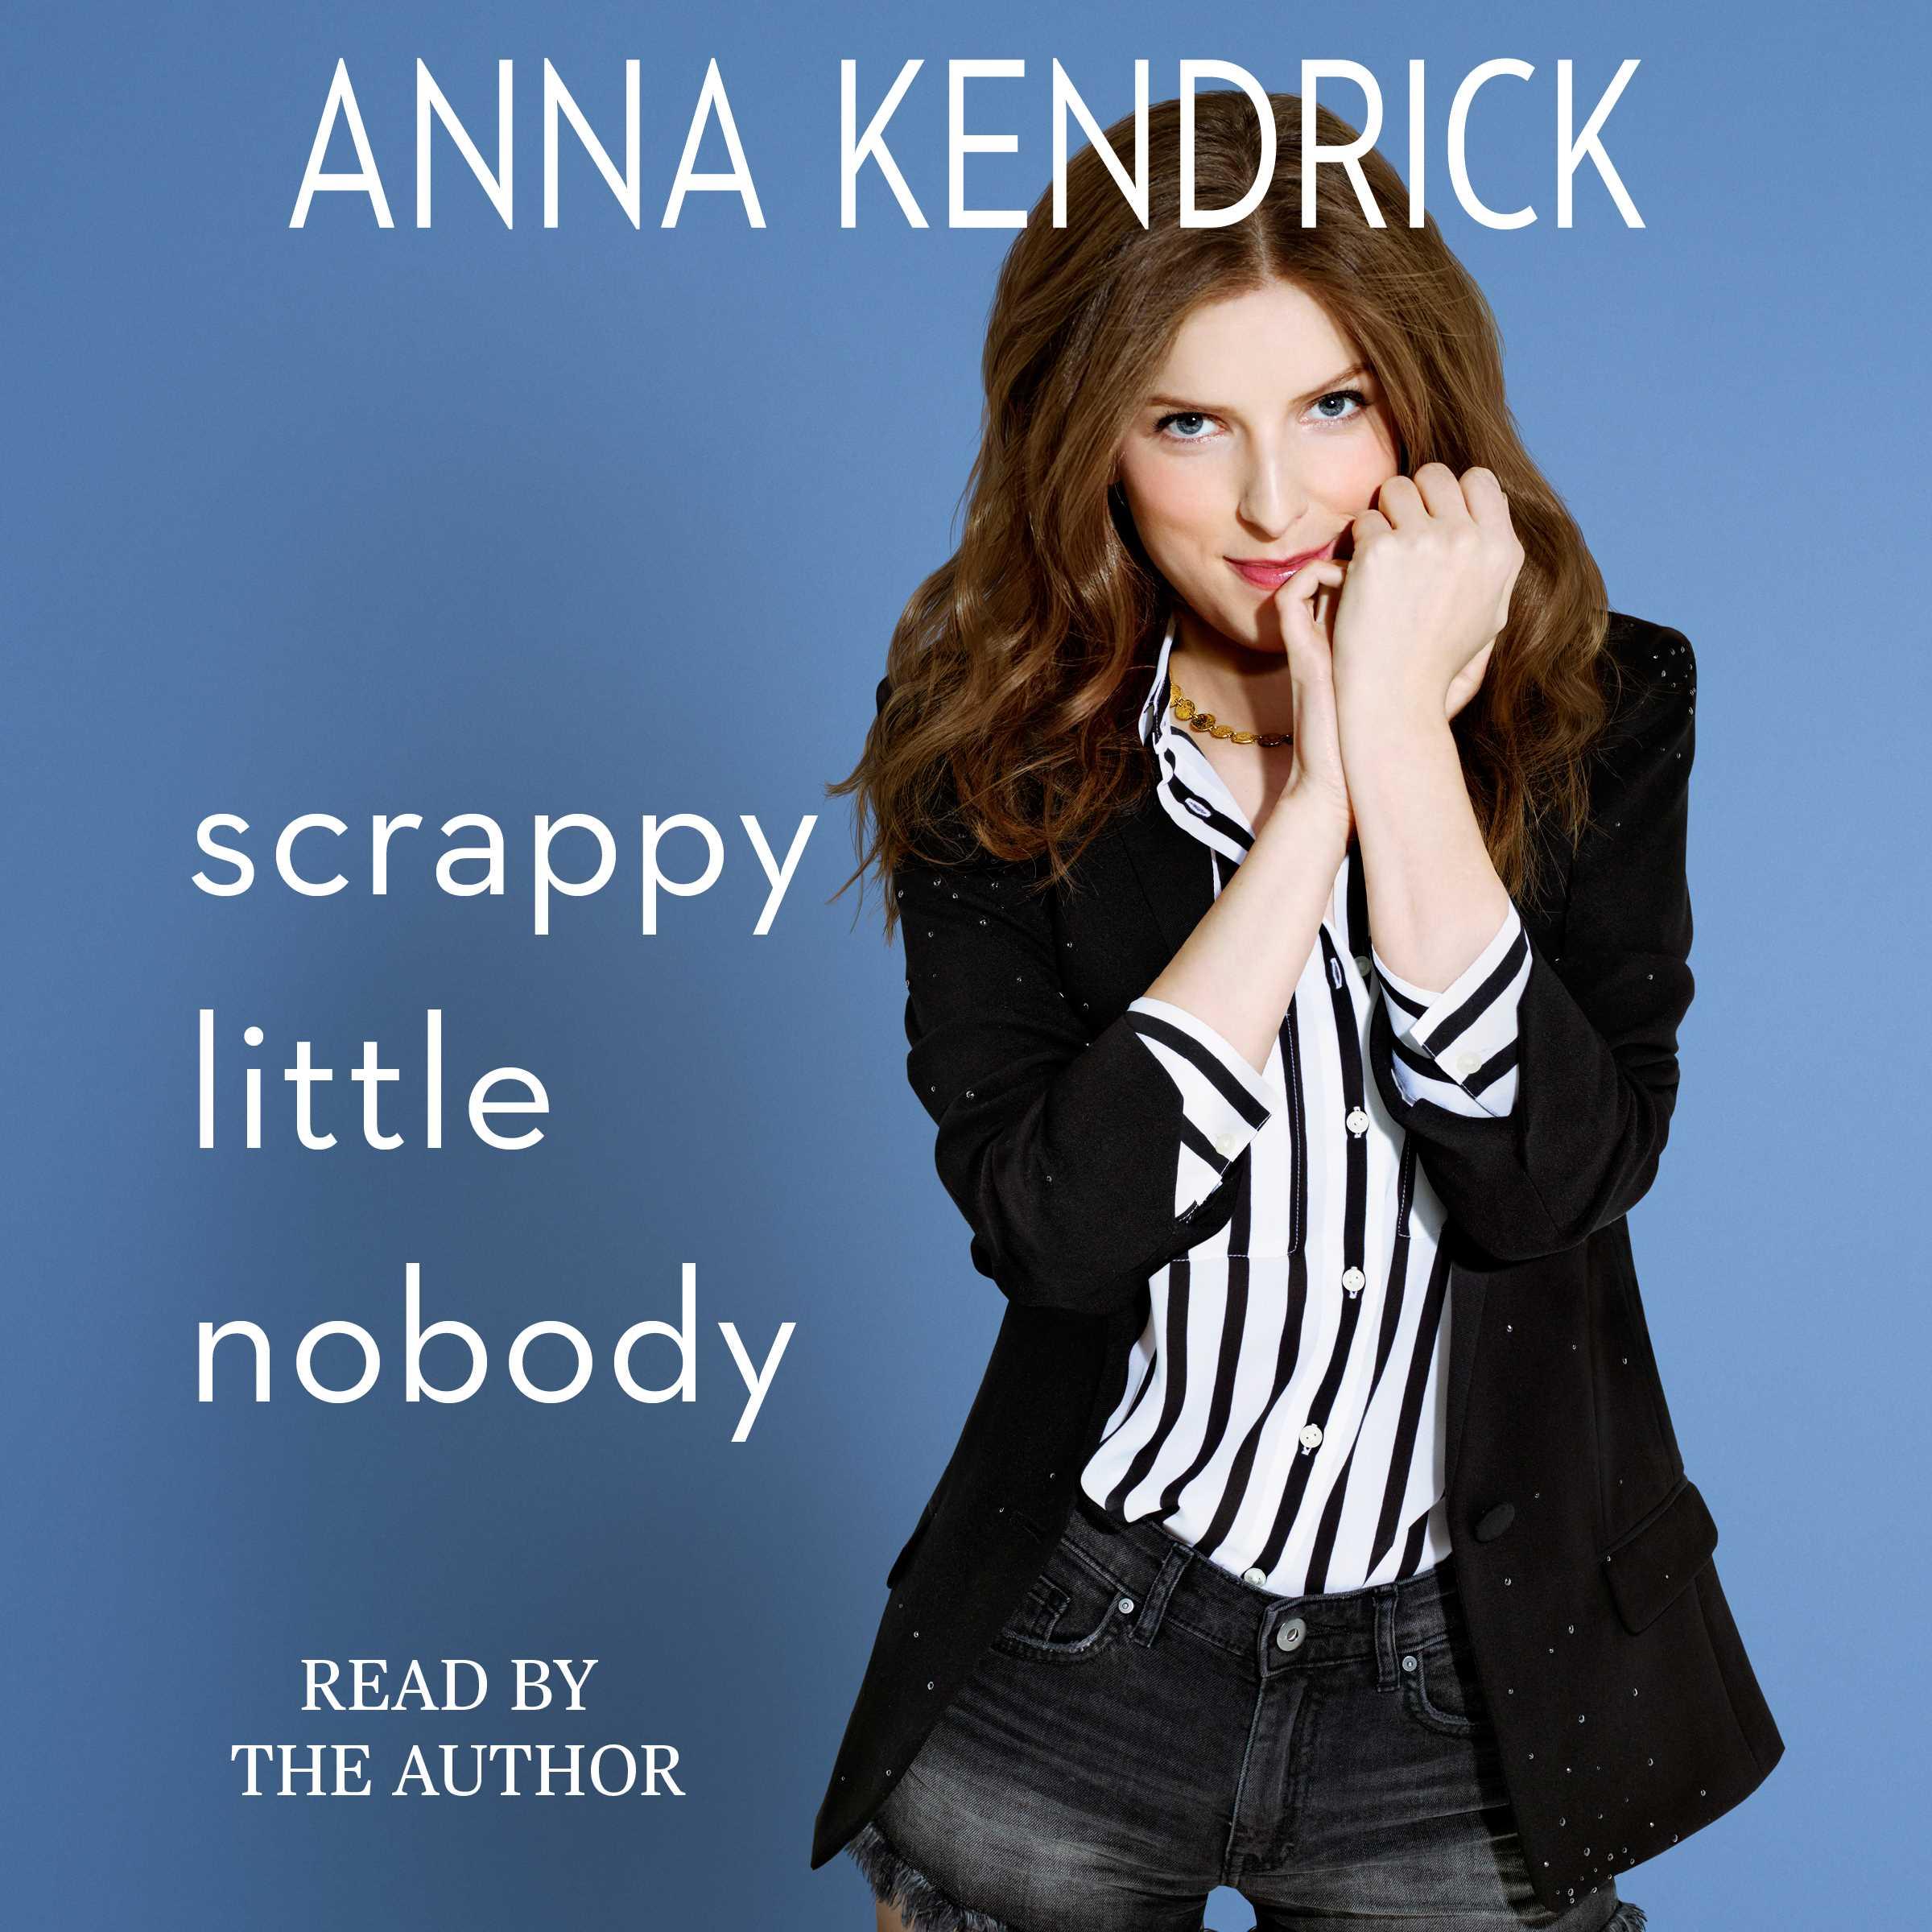 Scrappy little nobody 9781508213550 hr